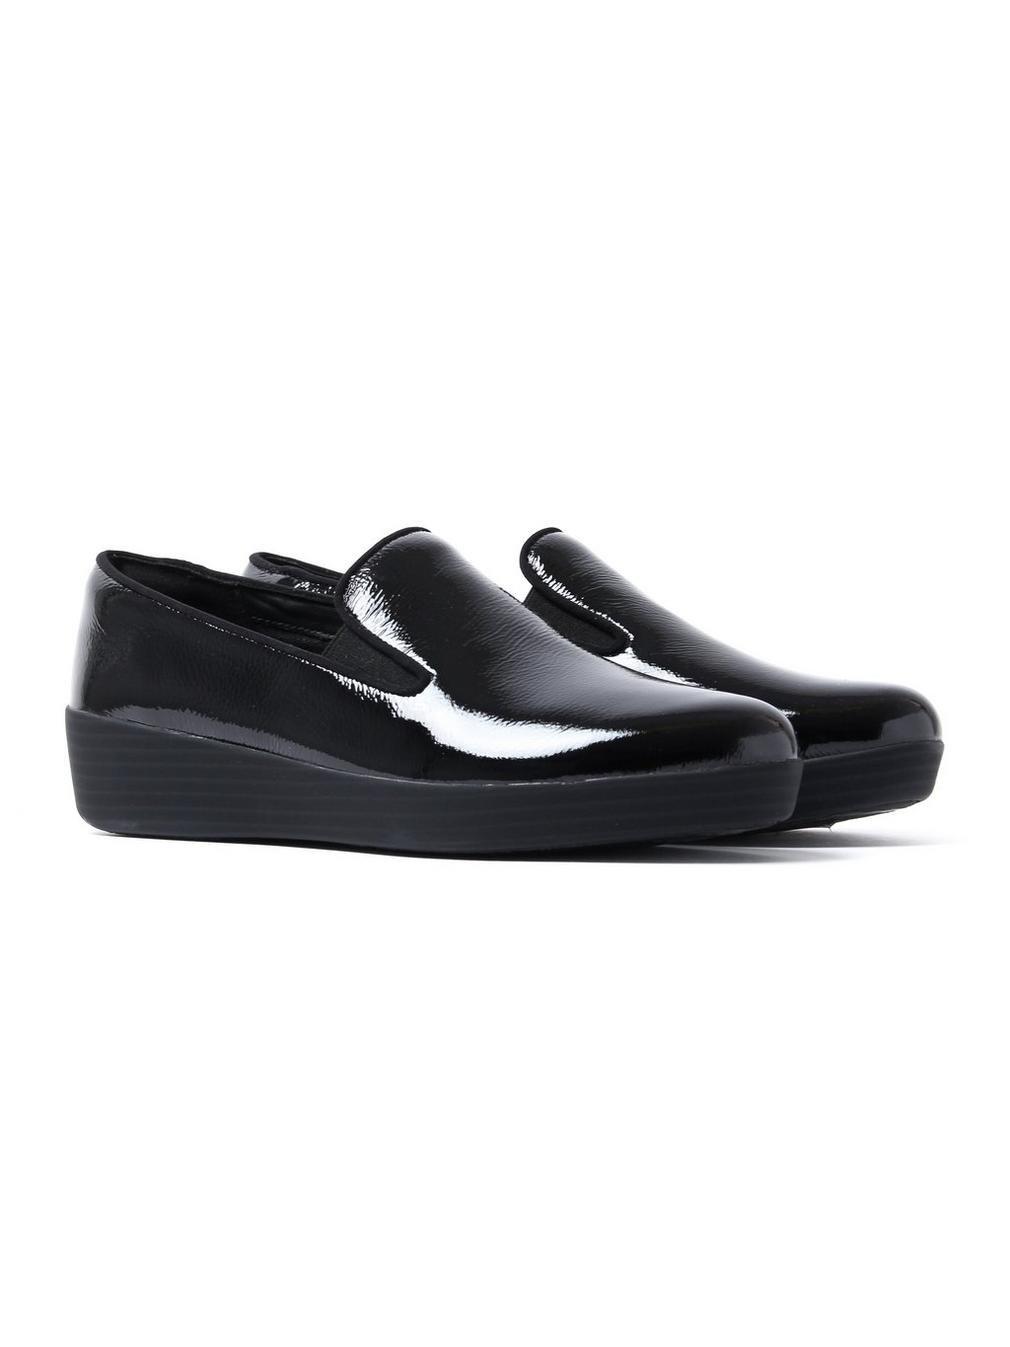 Fitflop Superskate, Zapatos de Tacón con Punta Cerrada para Mujer 42 EU|Black